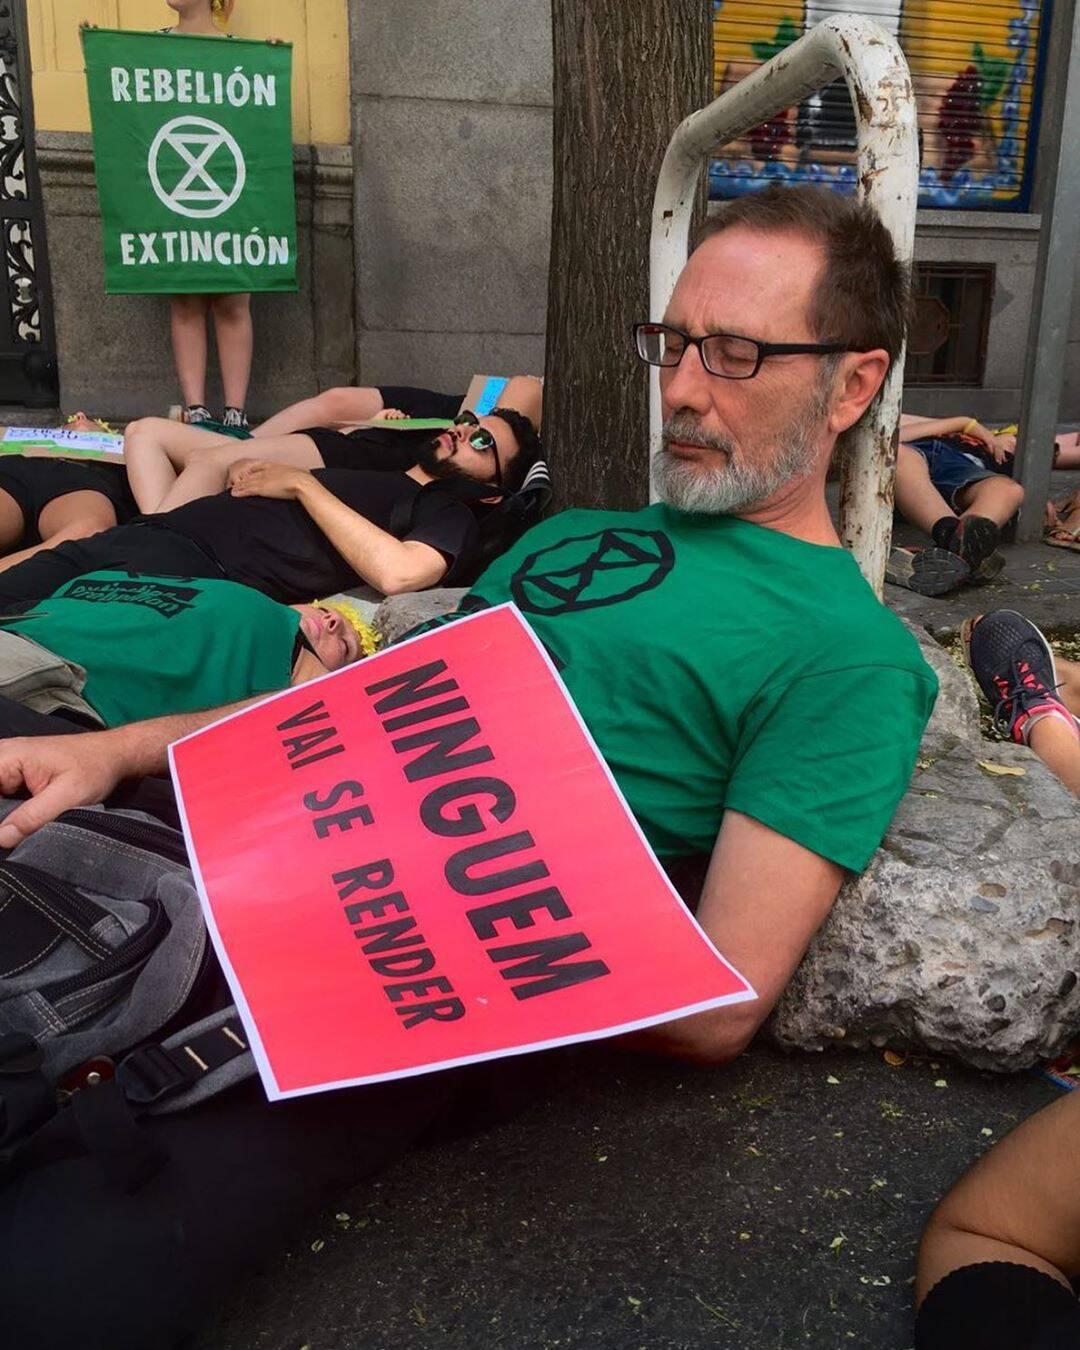 """Protestante espanhol deita no chão: """"Ninguém vai se render"""" /Foto: Reprodução"""